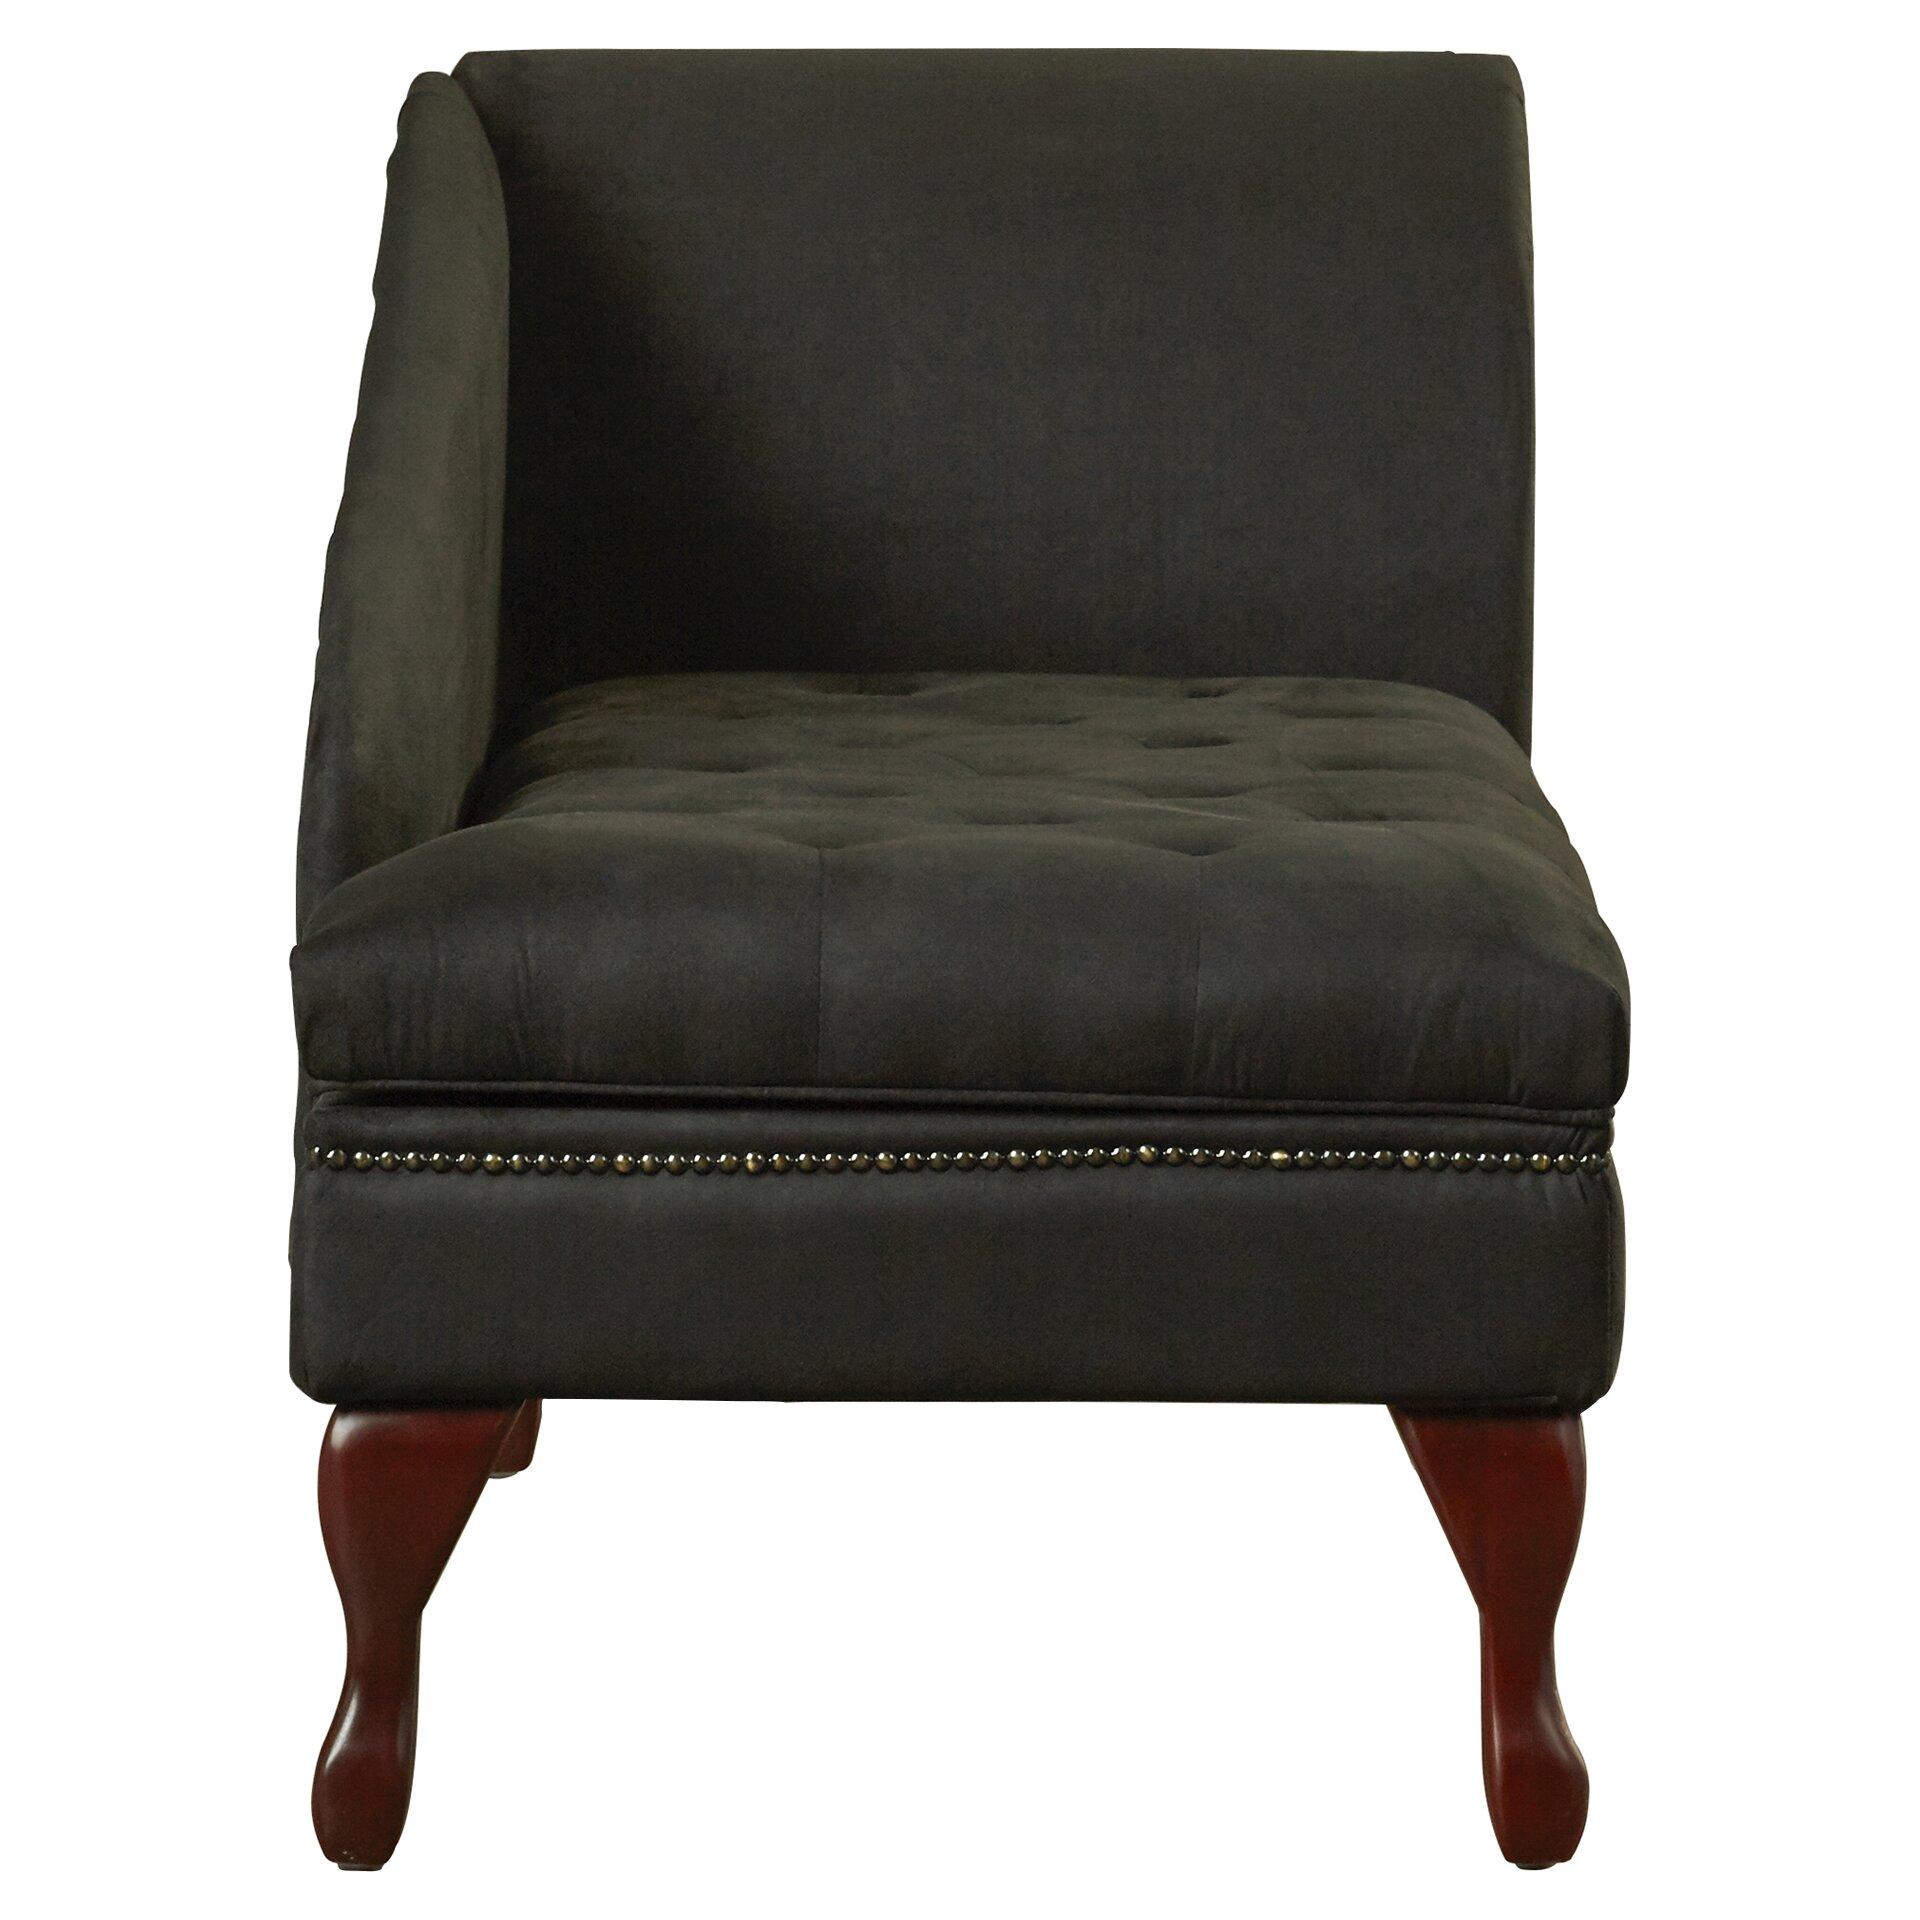 Astoria Grand Gladstone Storage Spa Chaise Lounge